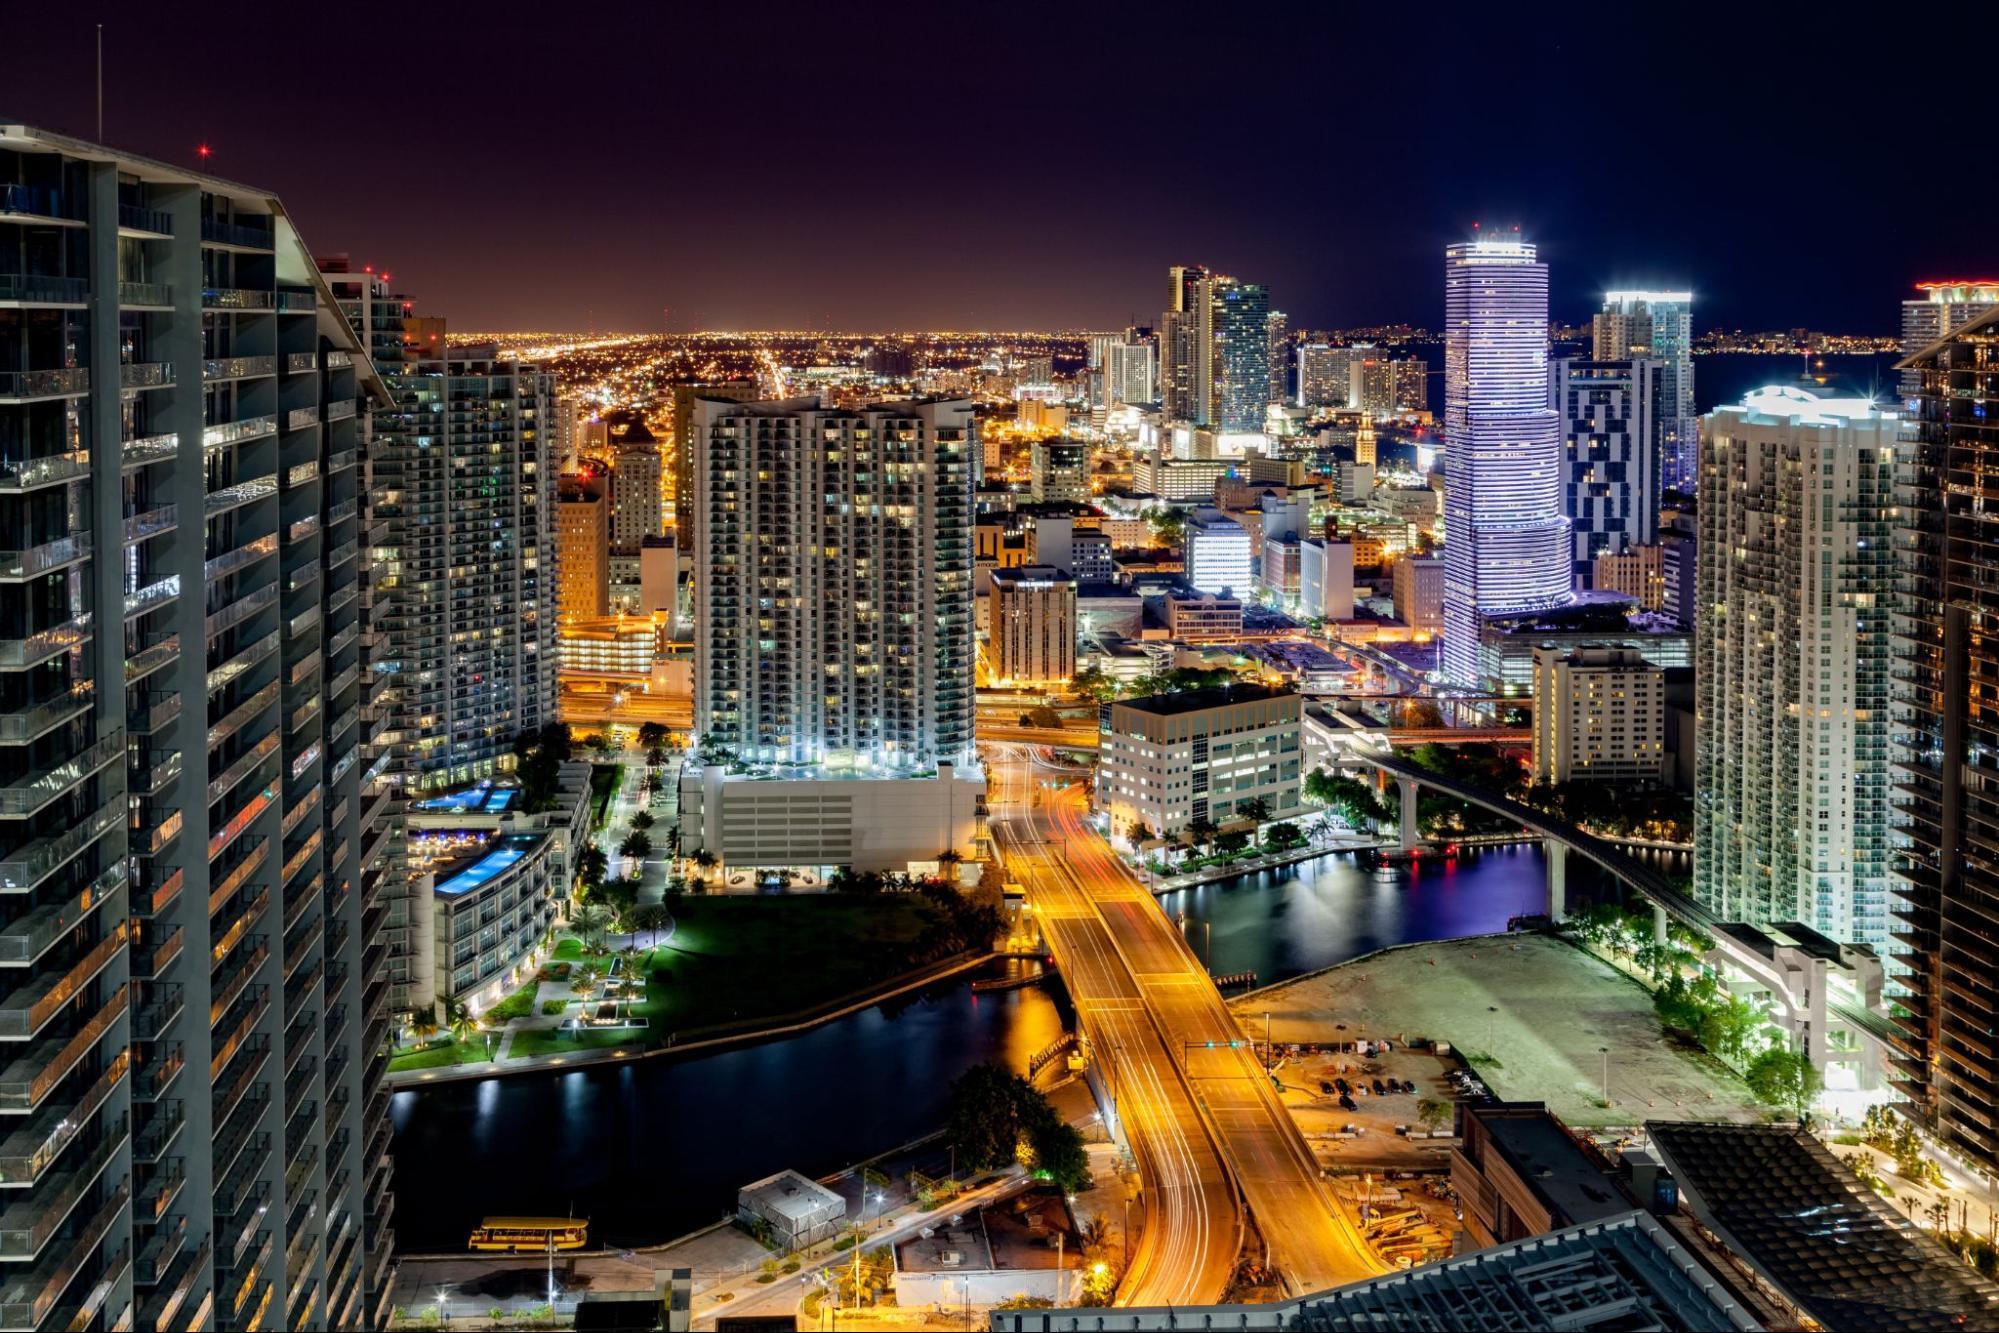 Nighttime skyline of Miami